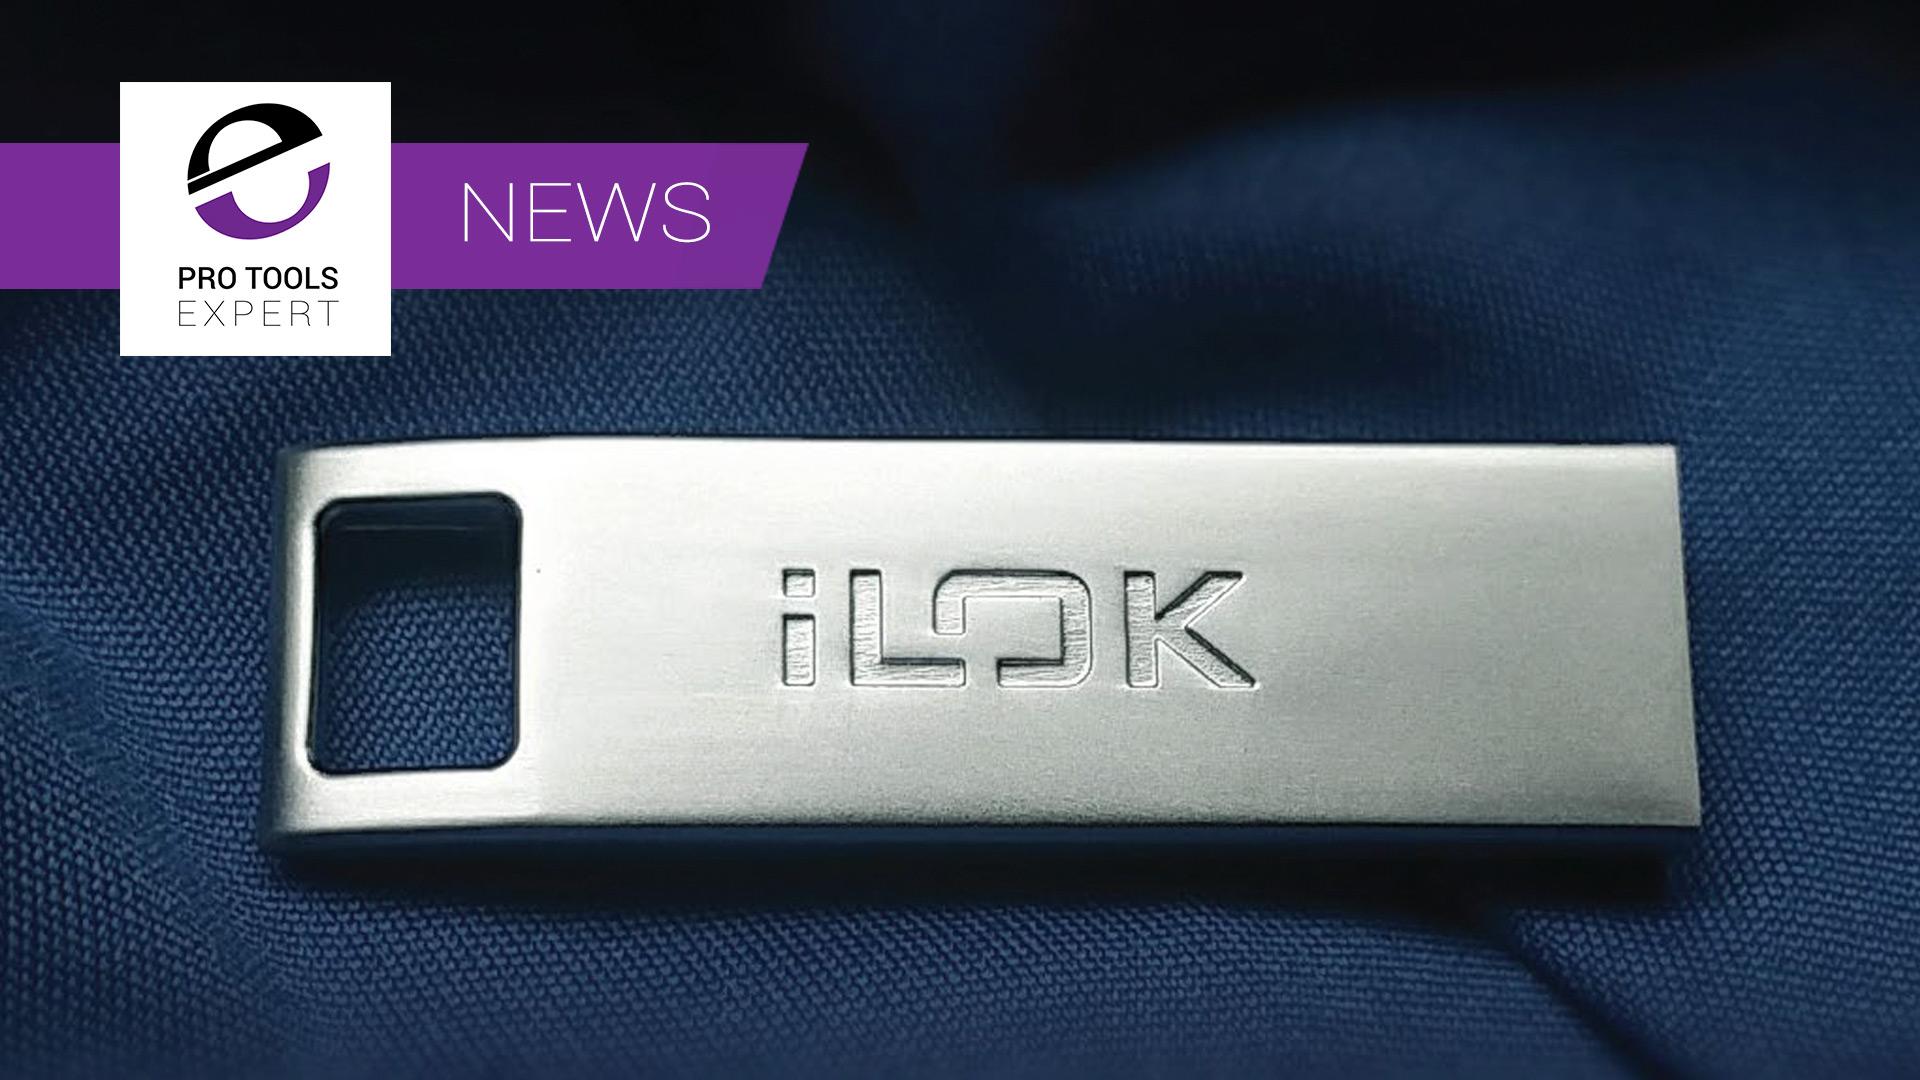 NEW-ILOK3